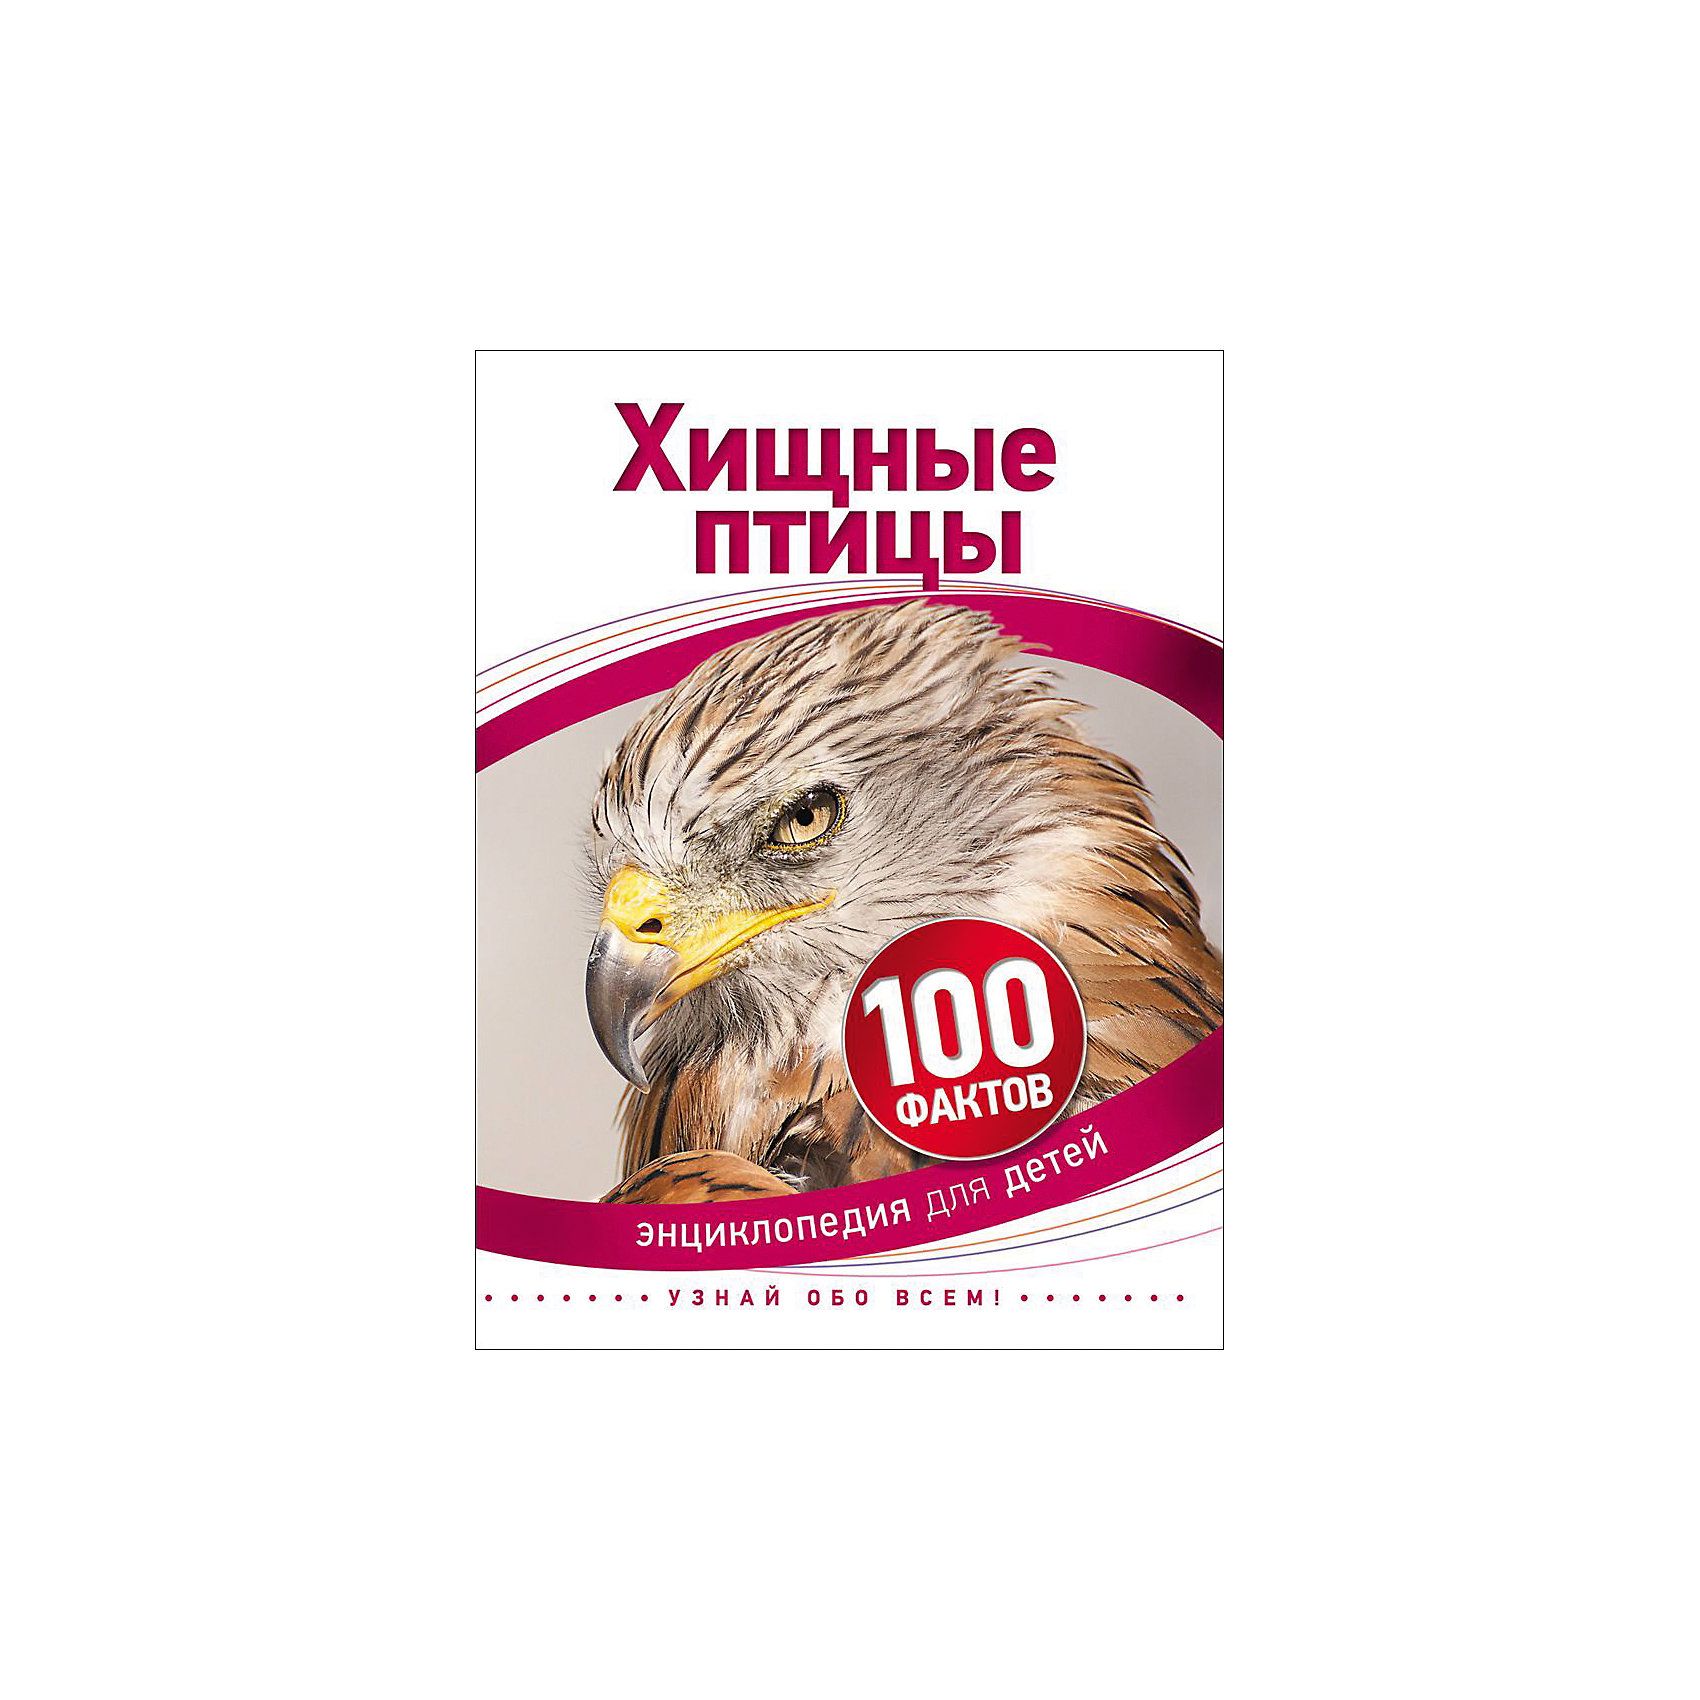 Росмэн Хищные птицы (100 фактов) росмэн энциклопедия птицы